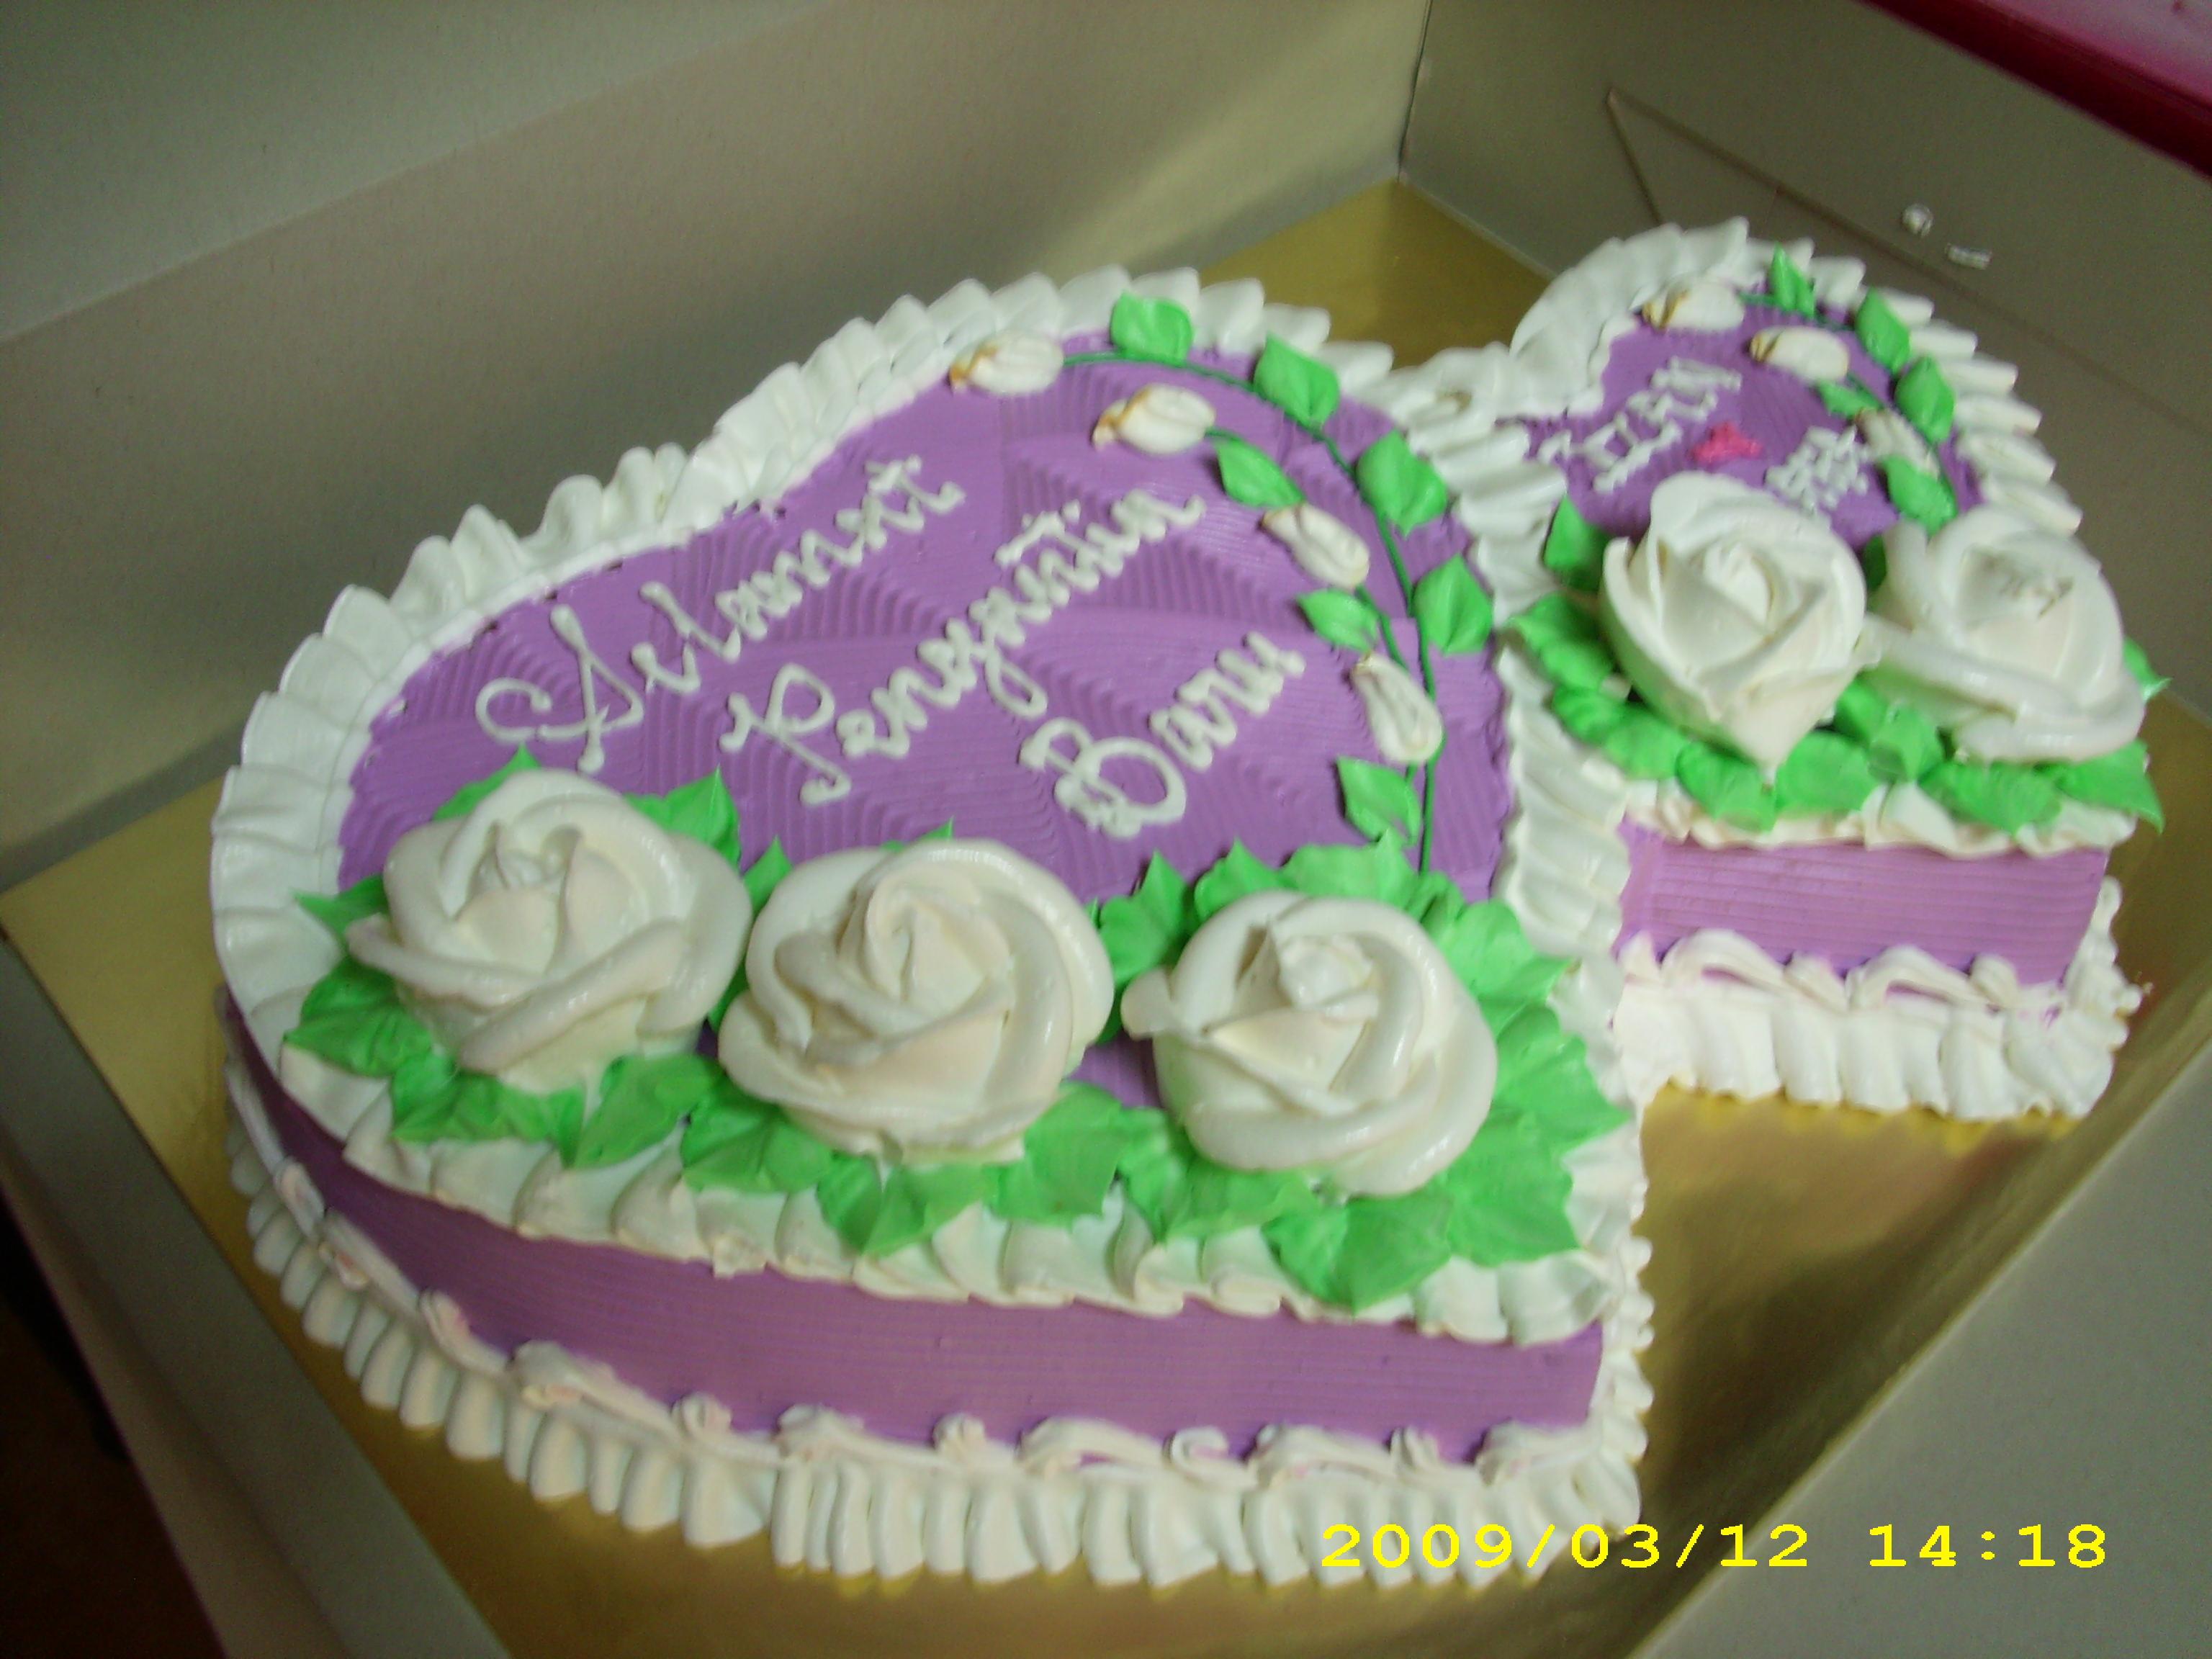 bakerina cakes Bakerinacakes s Blog